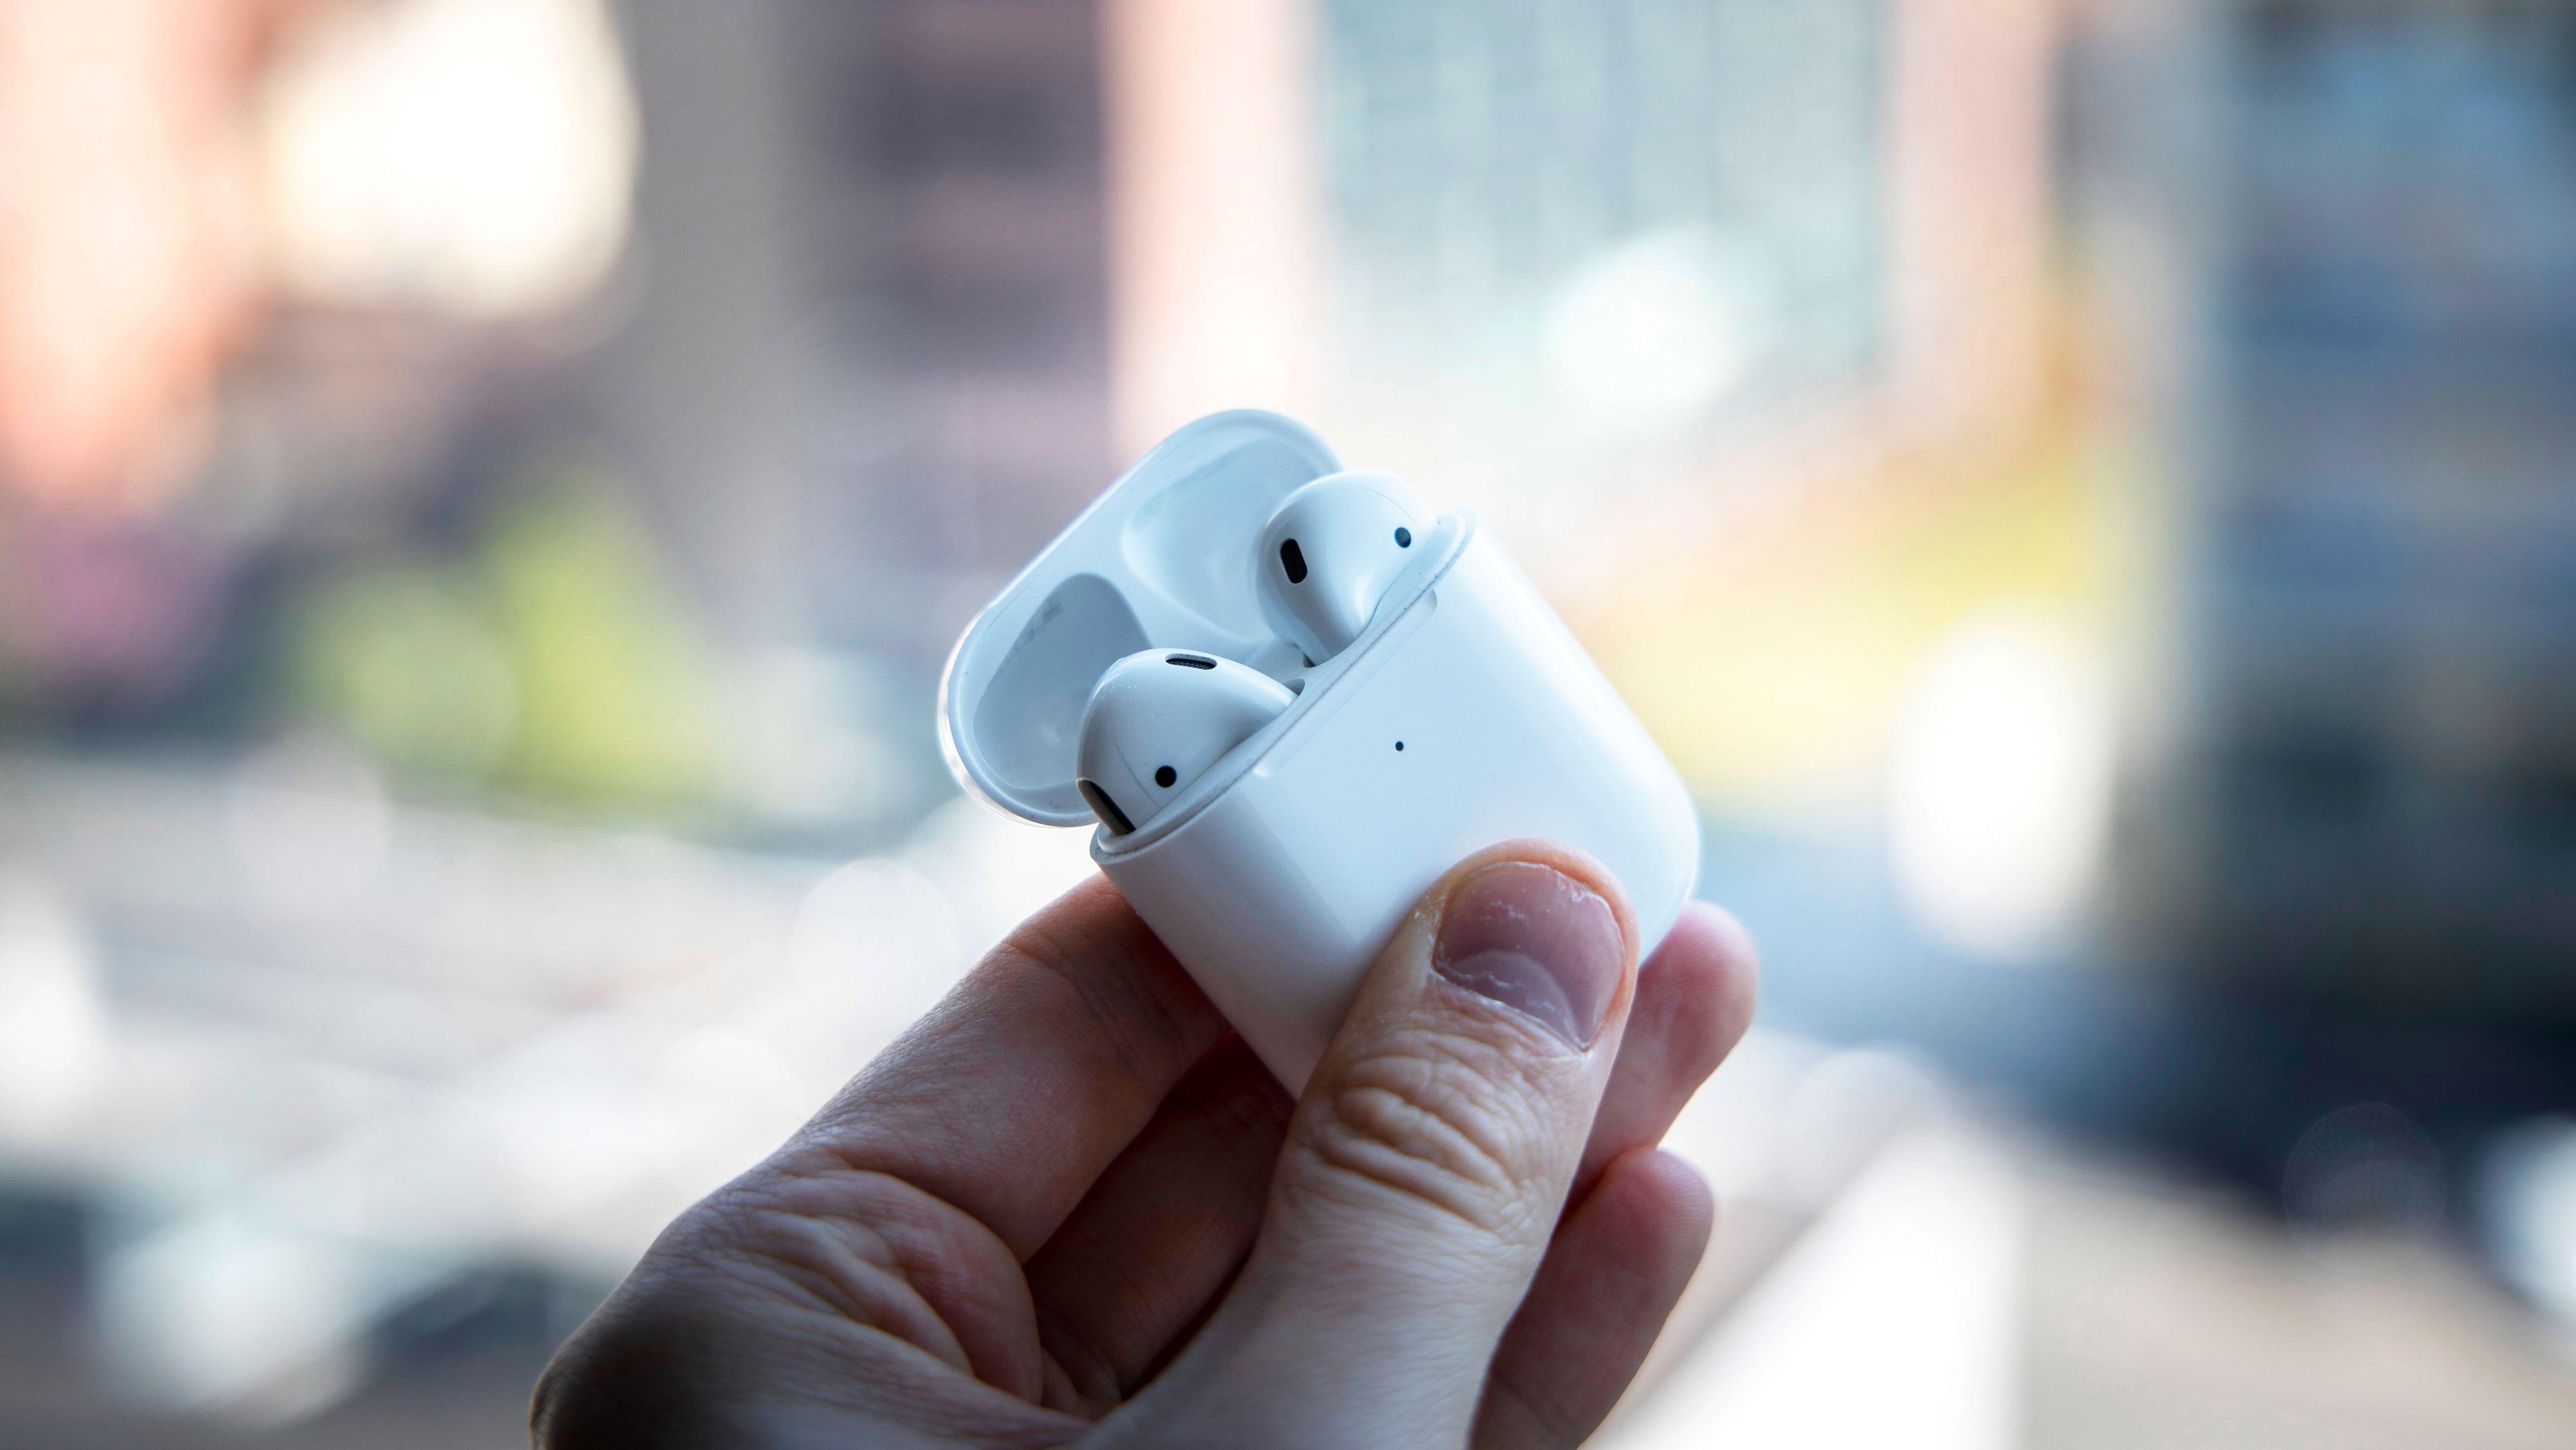 Airpods-etuiet er fortsatt blant de aller minste der ute. Apple har også truffet blink med hvordan pluggene klikker på plass og hvordan lokket sitter.